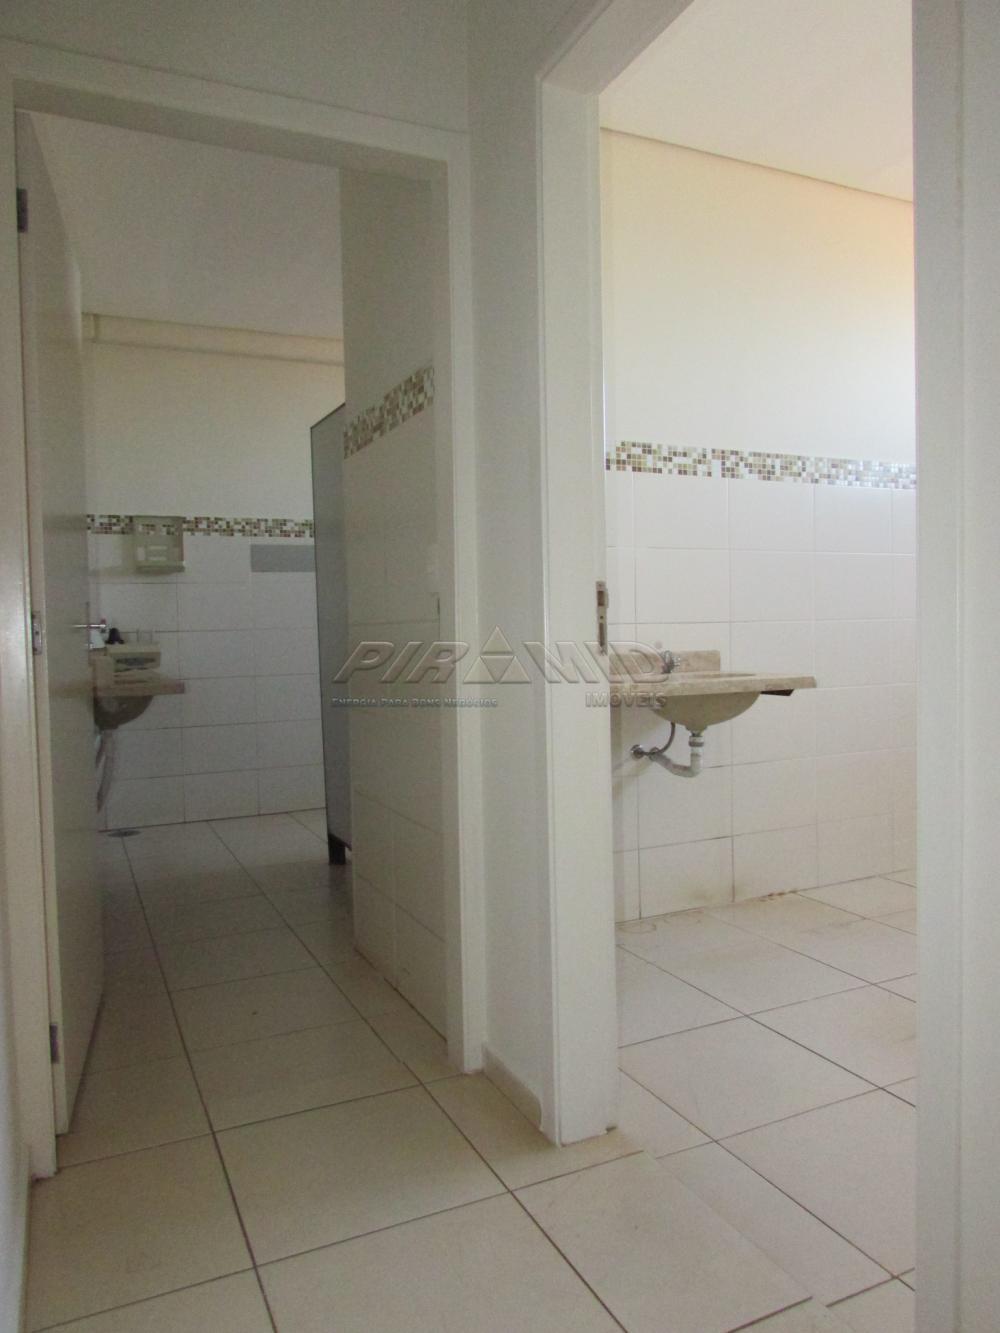 Alugar Comercial / Galpão em Cravinhos apenas R$ 50.000,00 - Foto 18